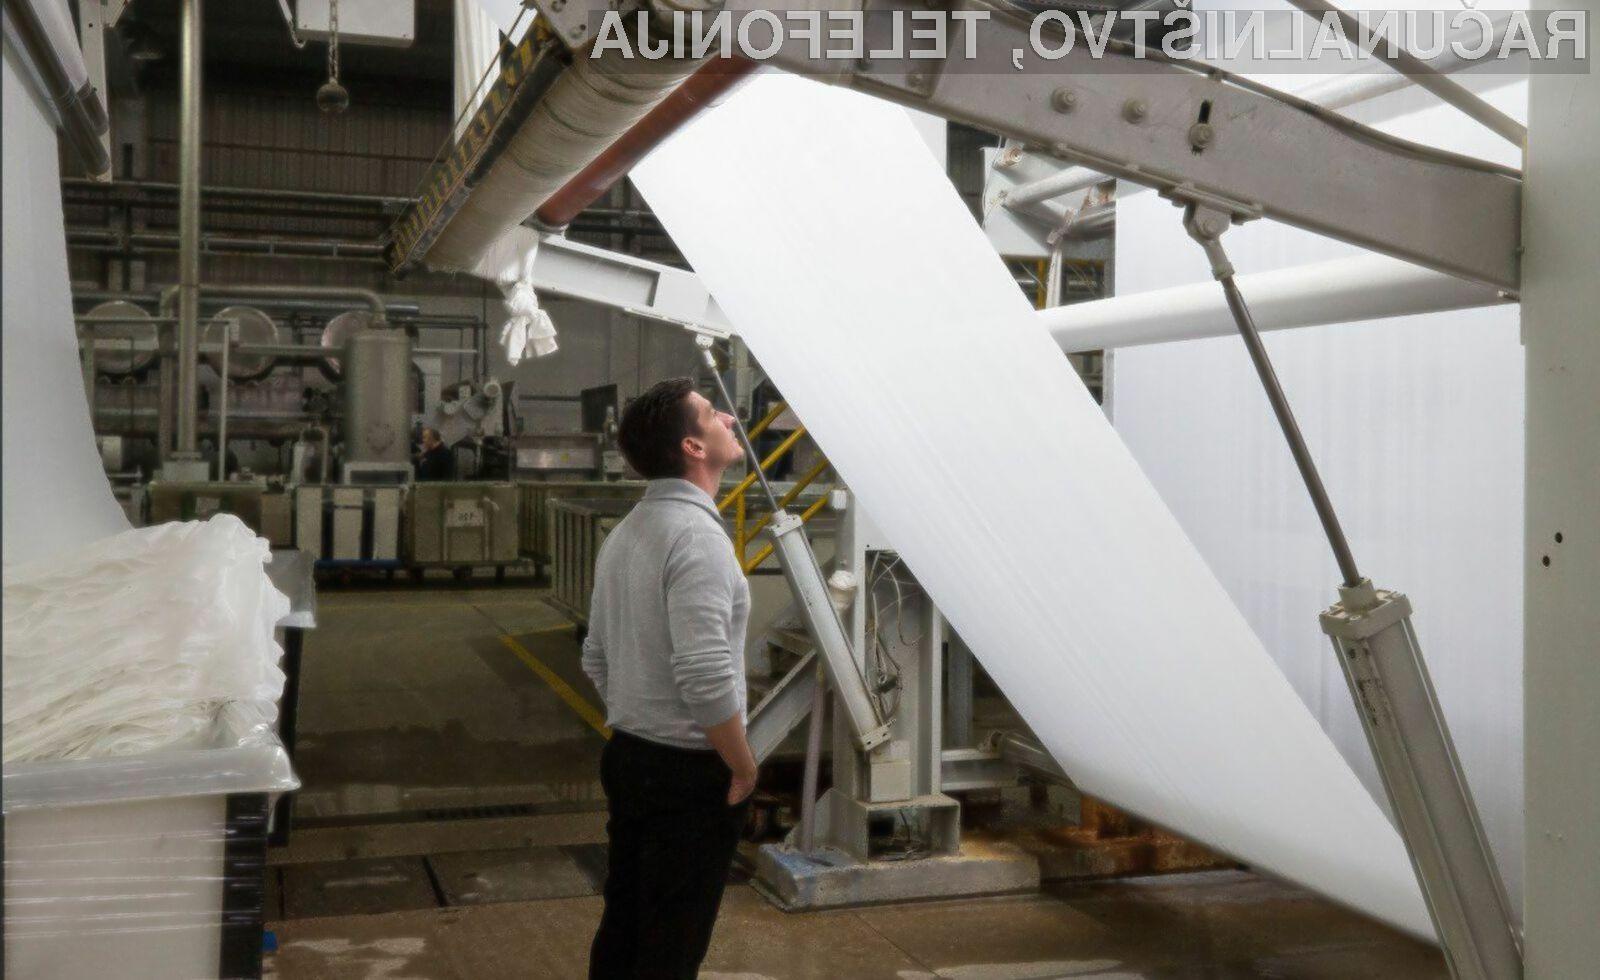 Pametne zavese GUNRID podjetja IKEA za čiščenje zraka uporabljajo edinstveno tehnologijo.